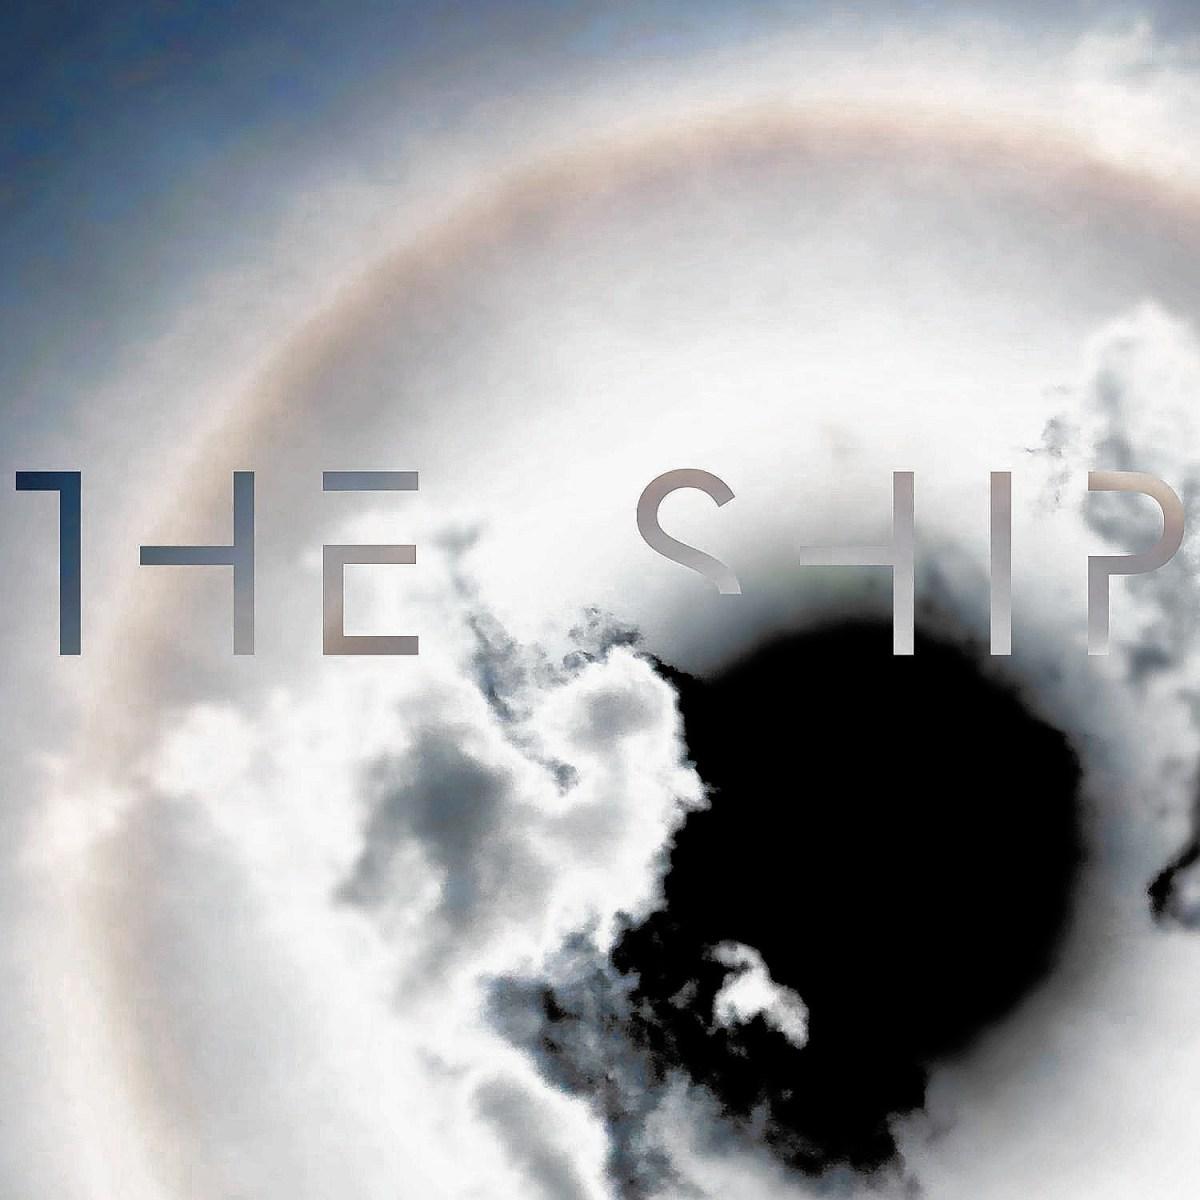 sc-brian-eno-the-ship-album-review-20160429